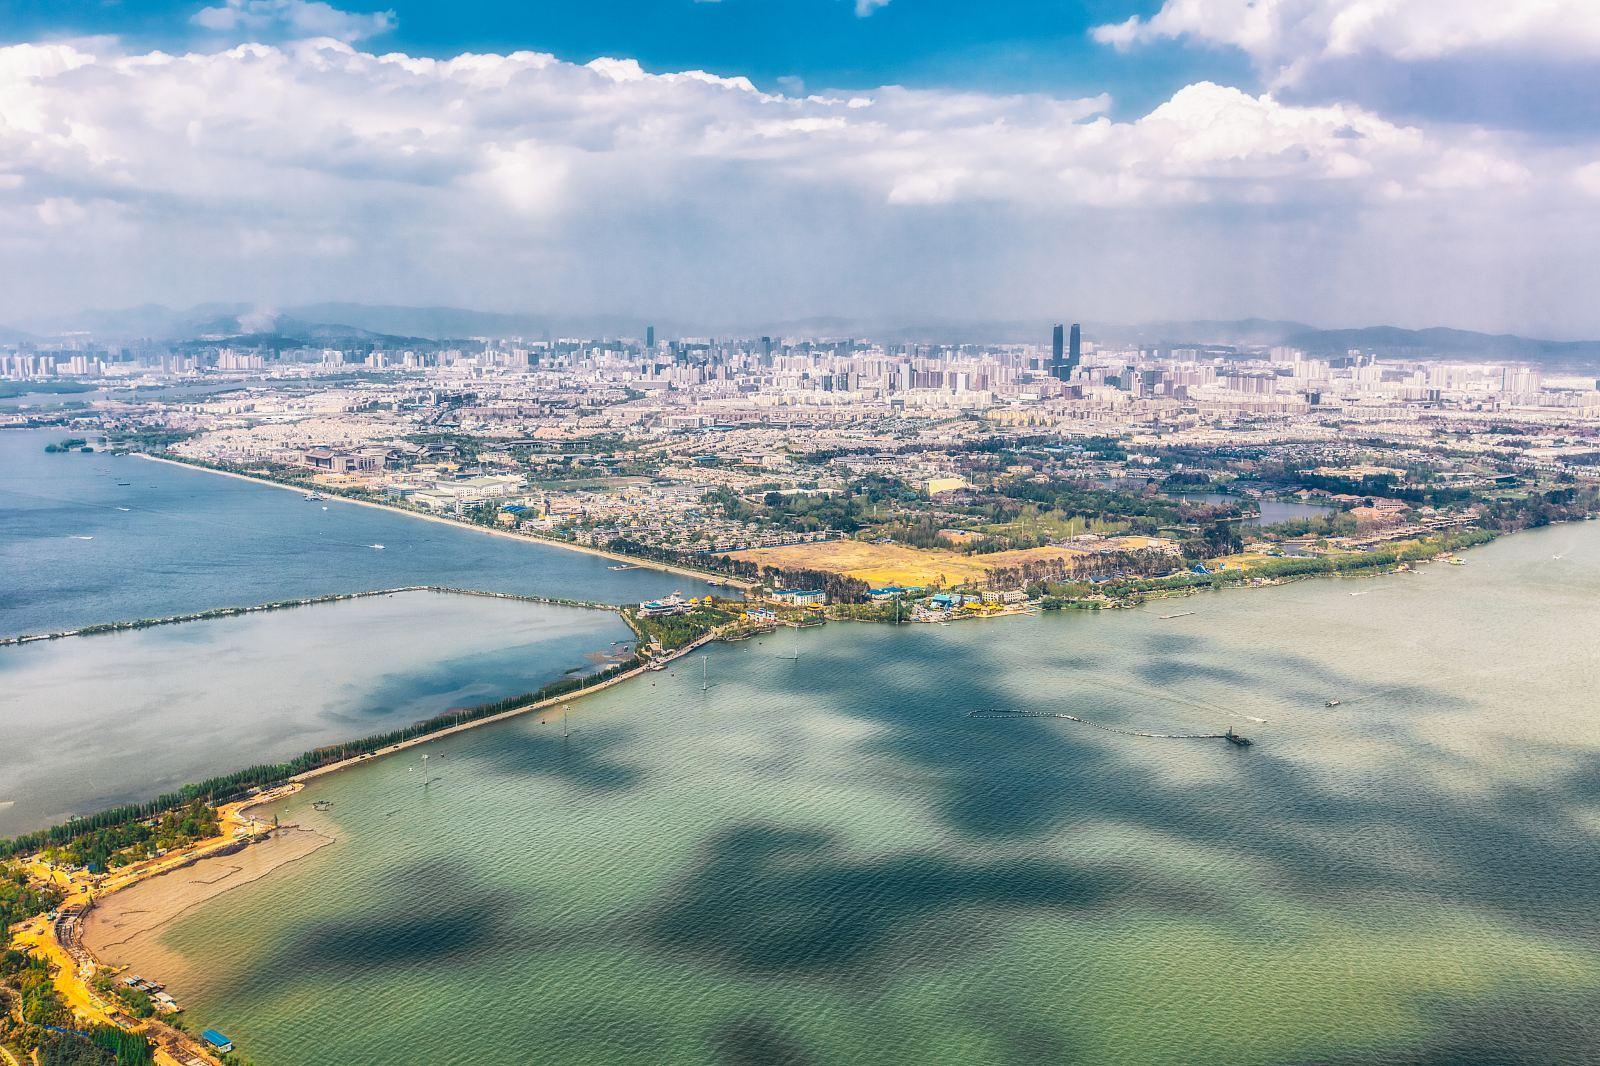 云南丽江,配有免费旅游线路,云南丽江二月游最好